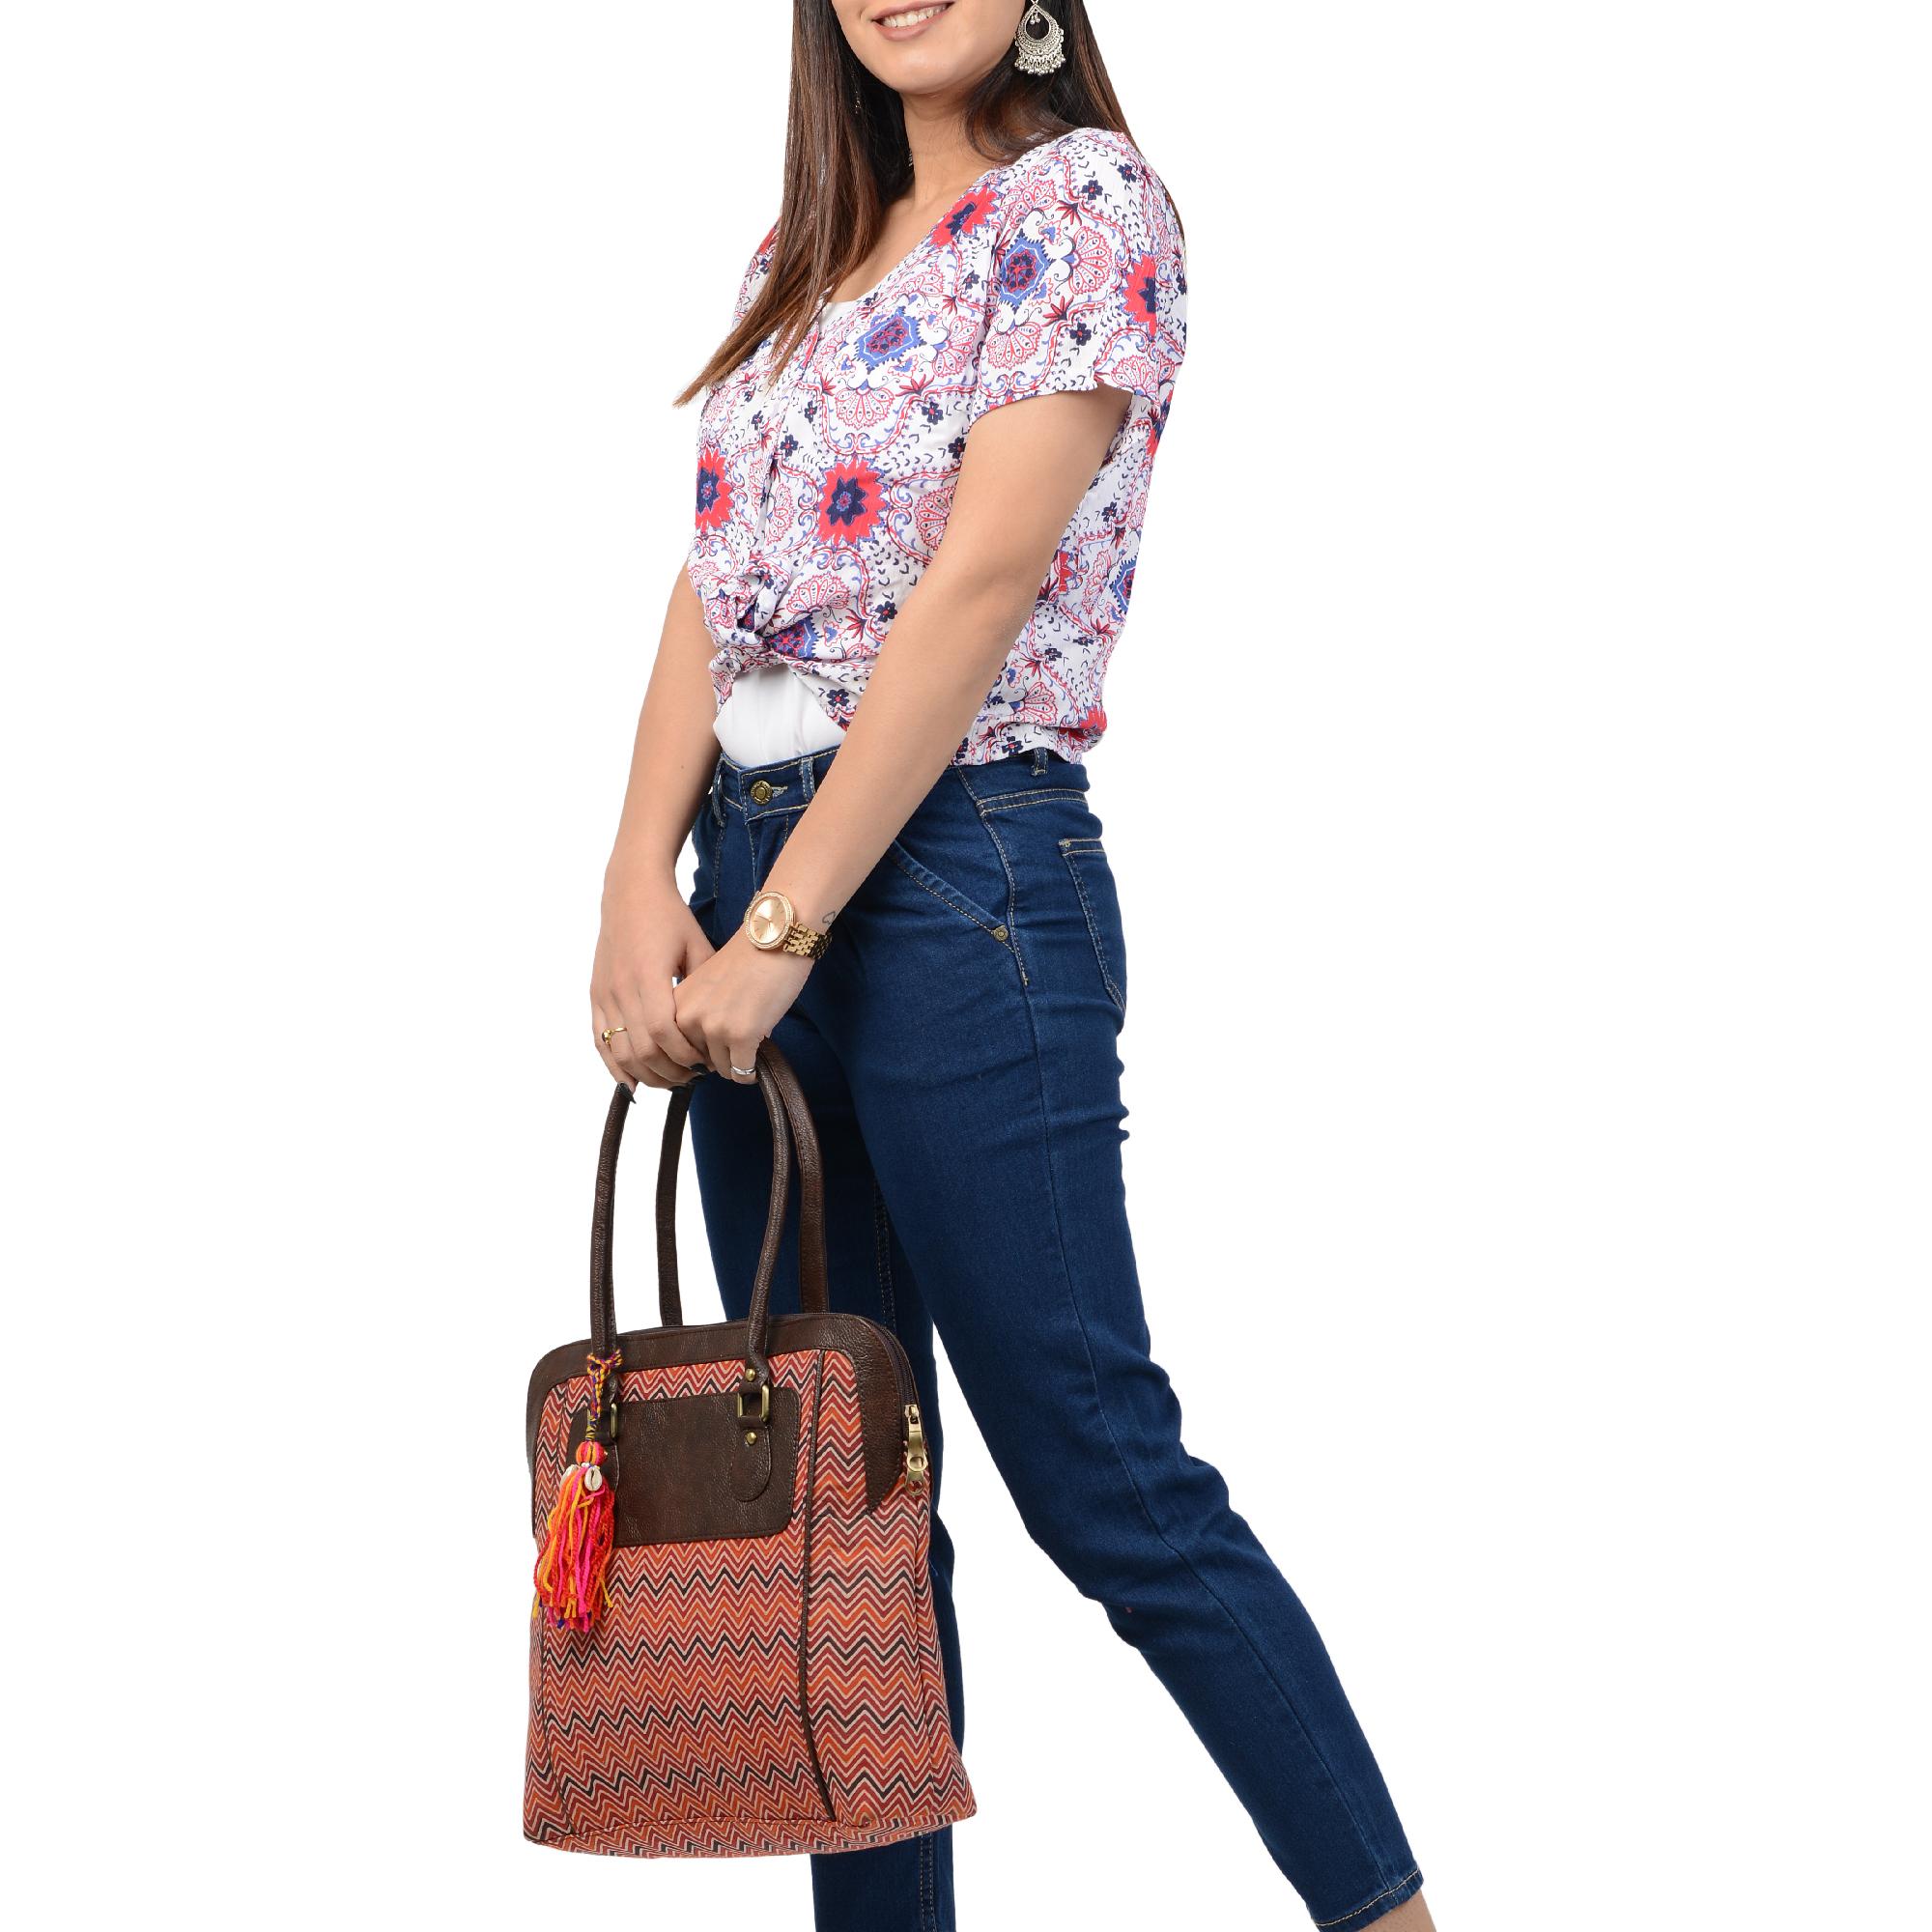 Vivinkaa | Vivinkaa Womens Ethnic Leatherette/Cotton Orange Leaf Tassle Tote Bag